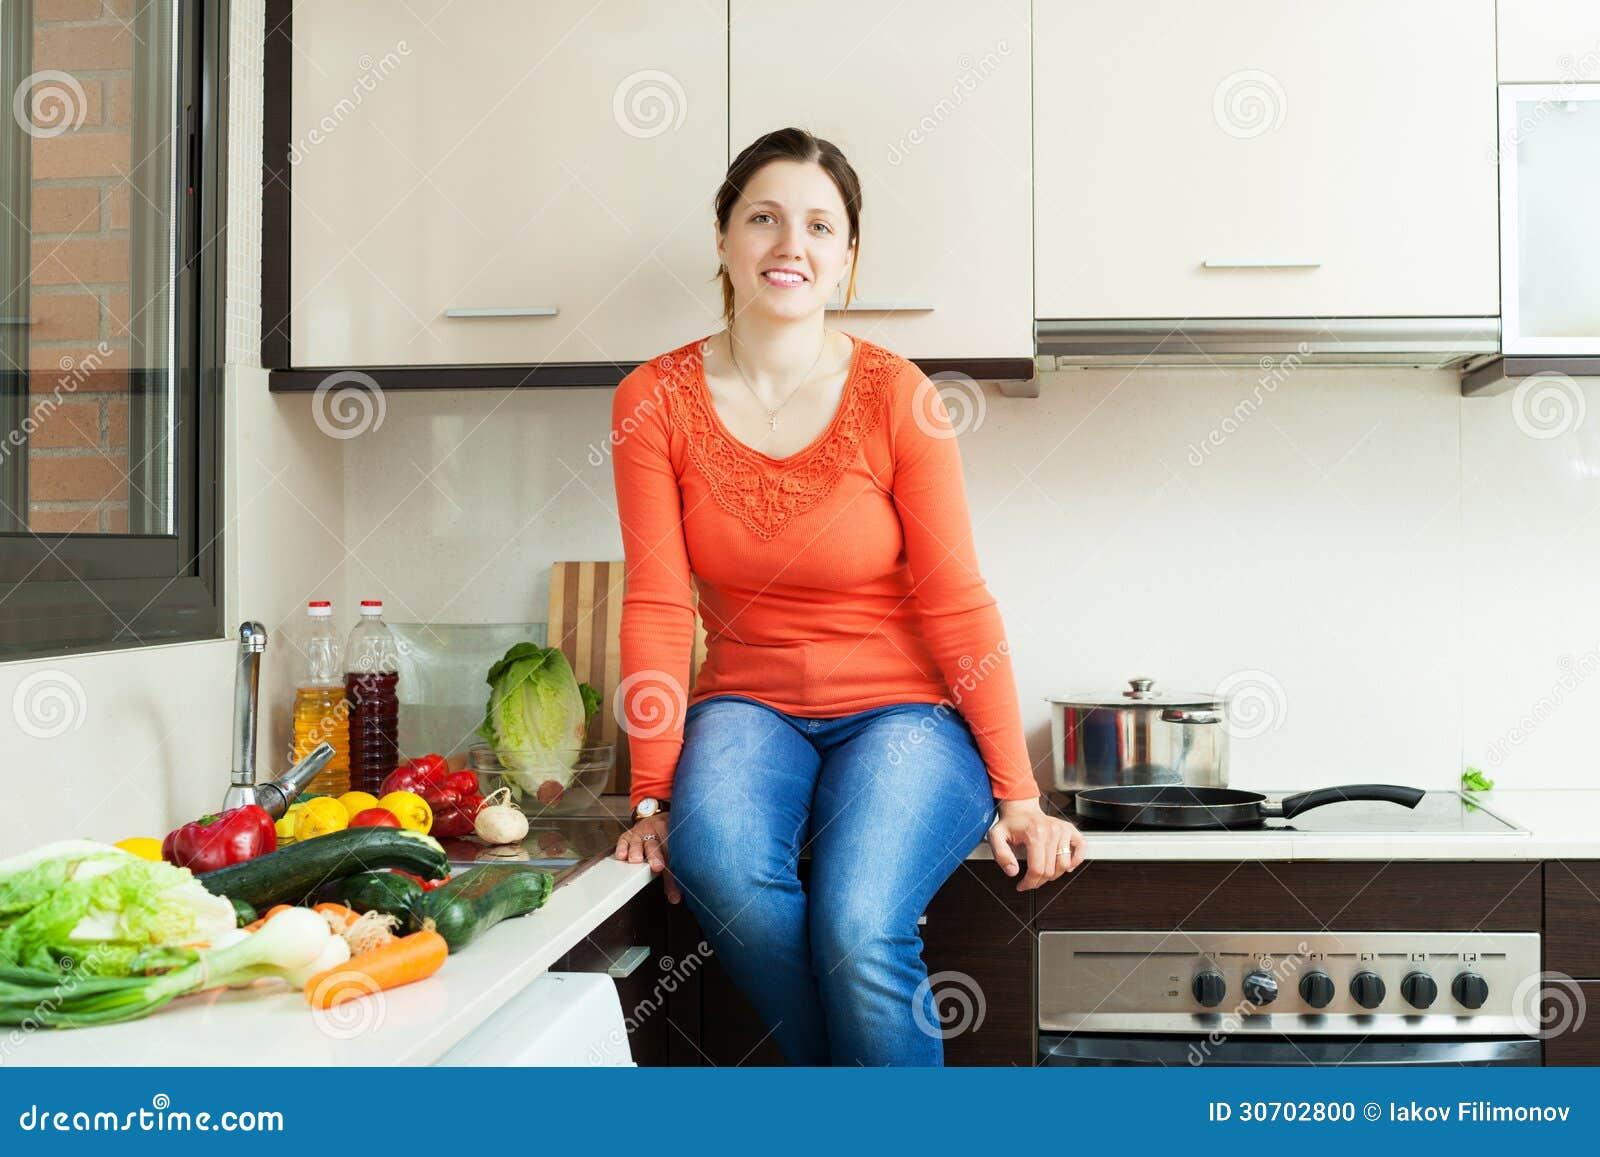 Ama de casa en la cocina casera foto de archivo imagen for La cocina casera